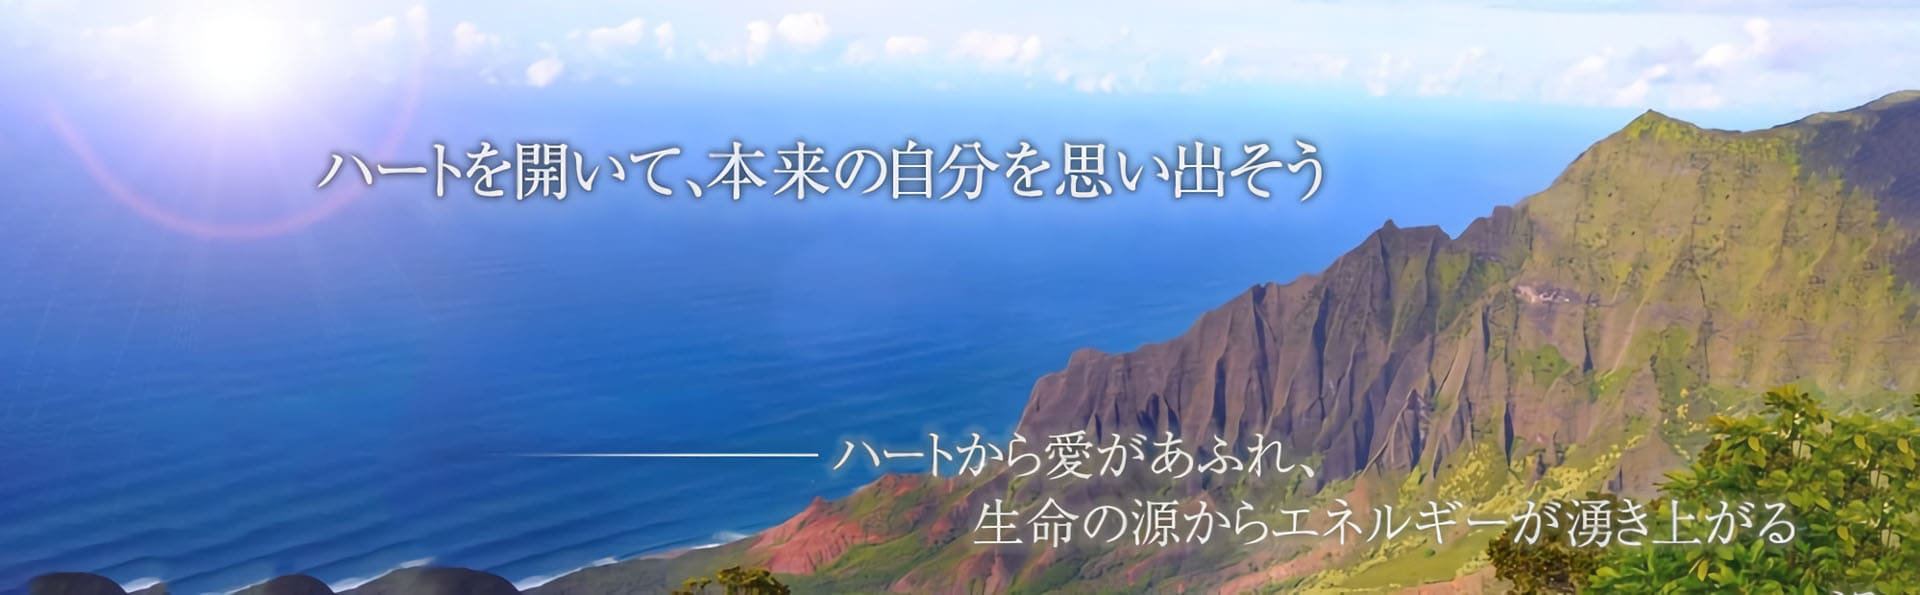 呼吸瞑想アカデミー 天毛絵美子 公式サイト